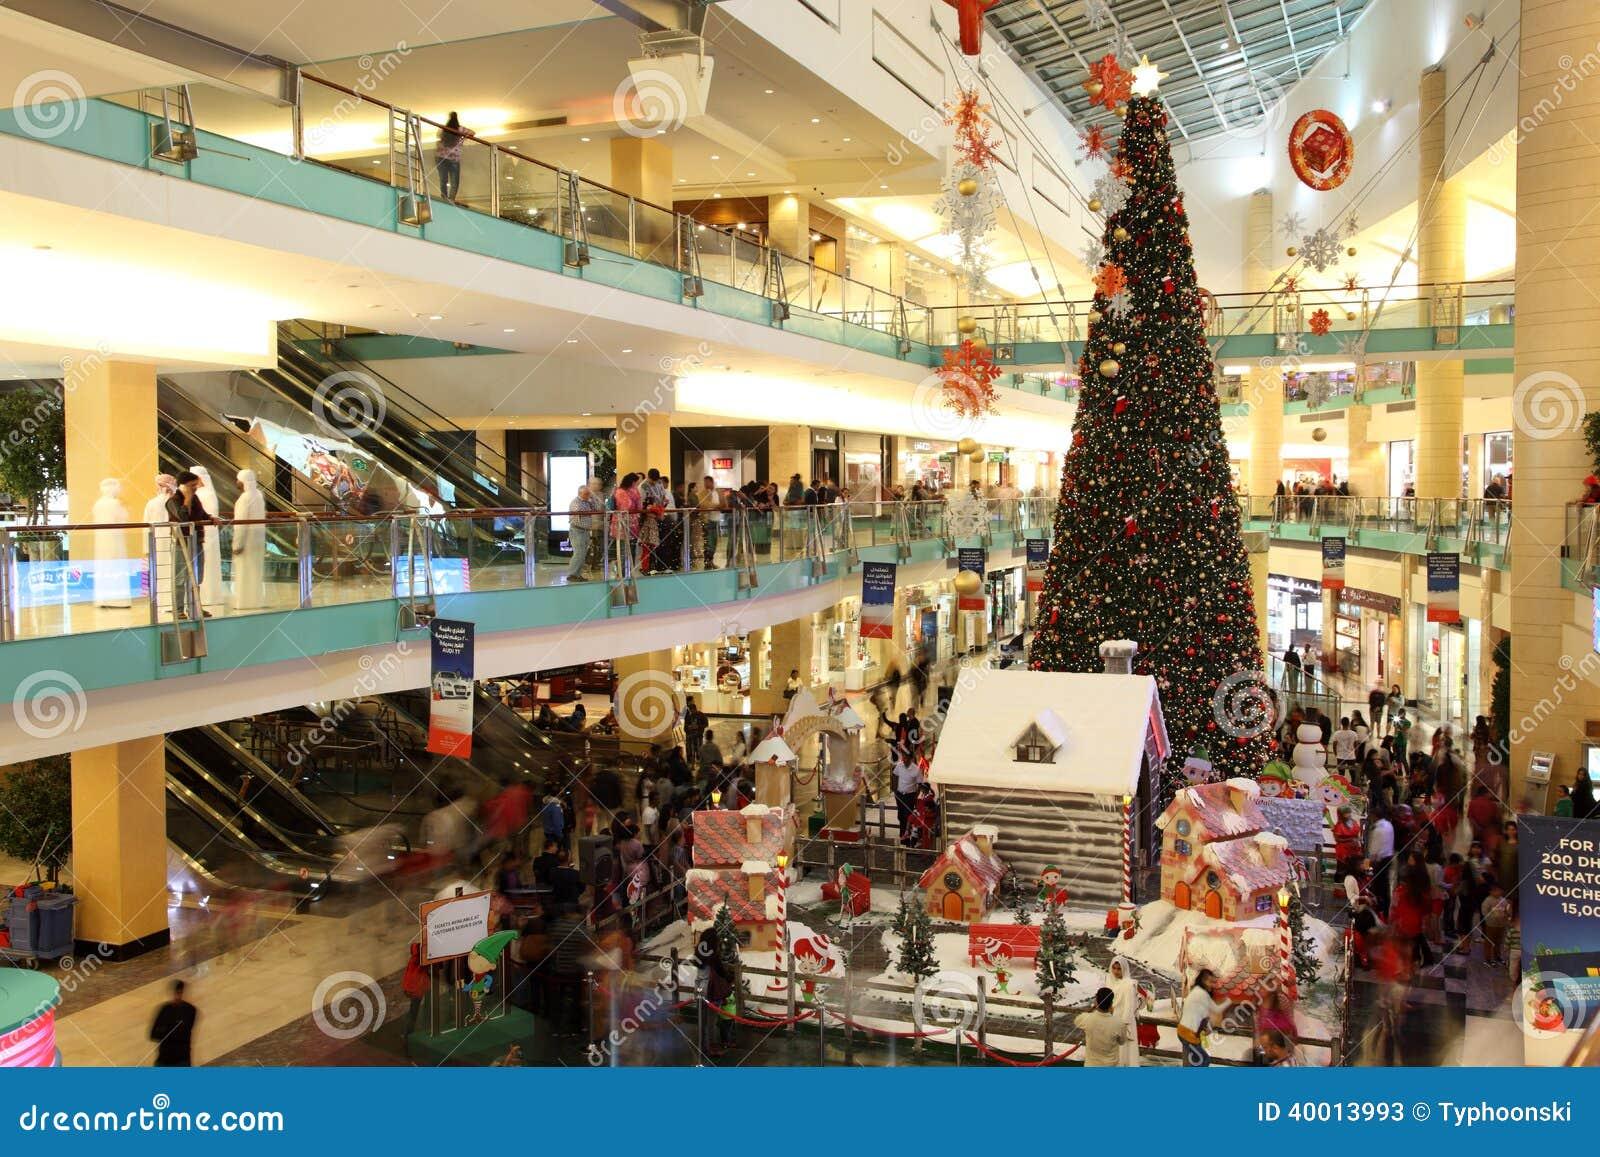 christmas day abu dhabi 2018